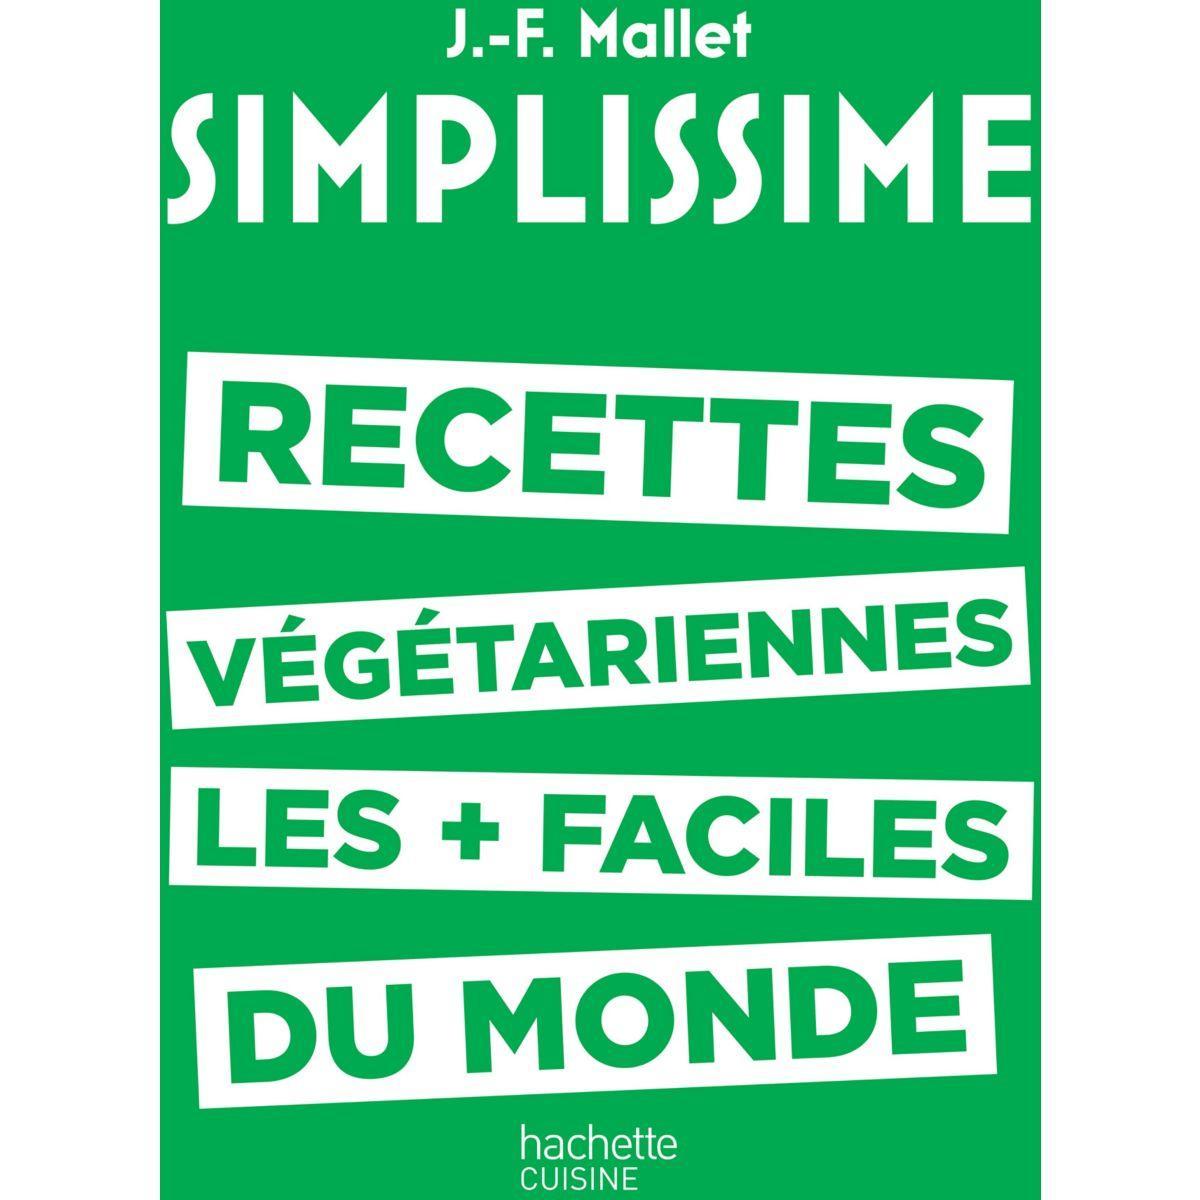 Livre hachette simplissime recettes végé - la sélection webdistrib.com (photo)